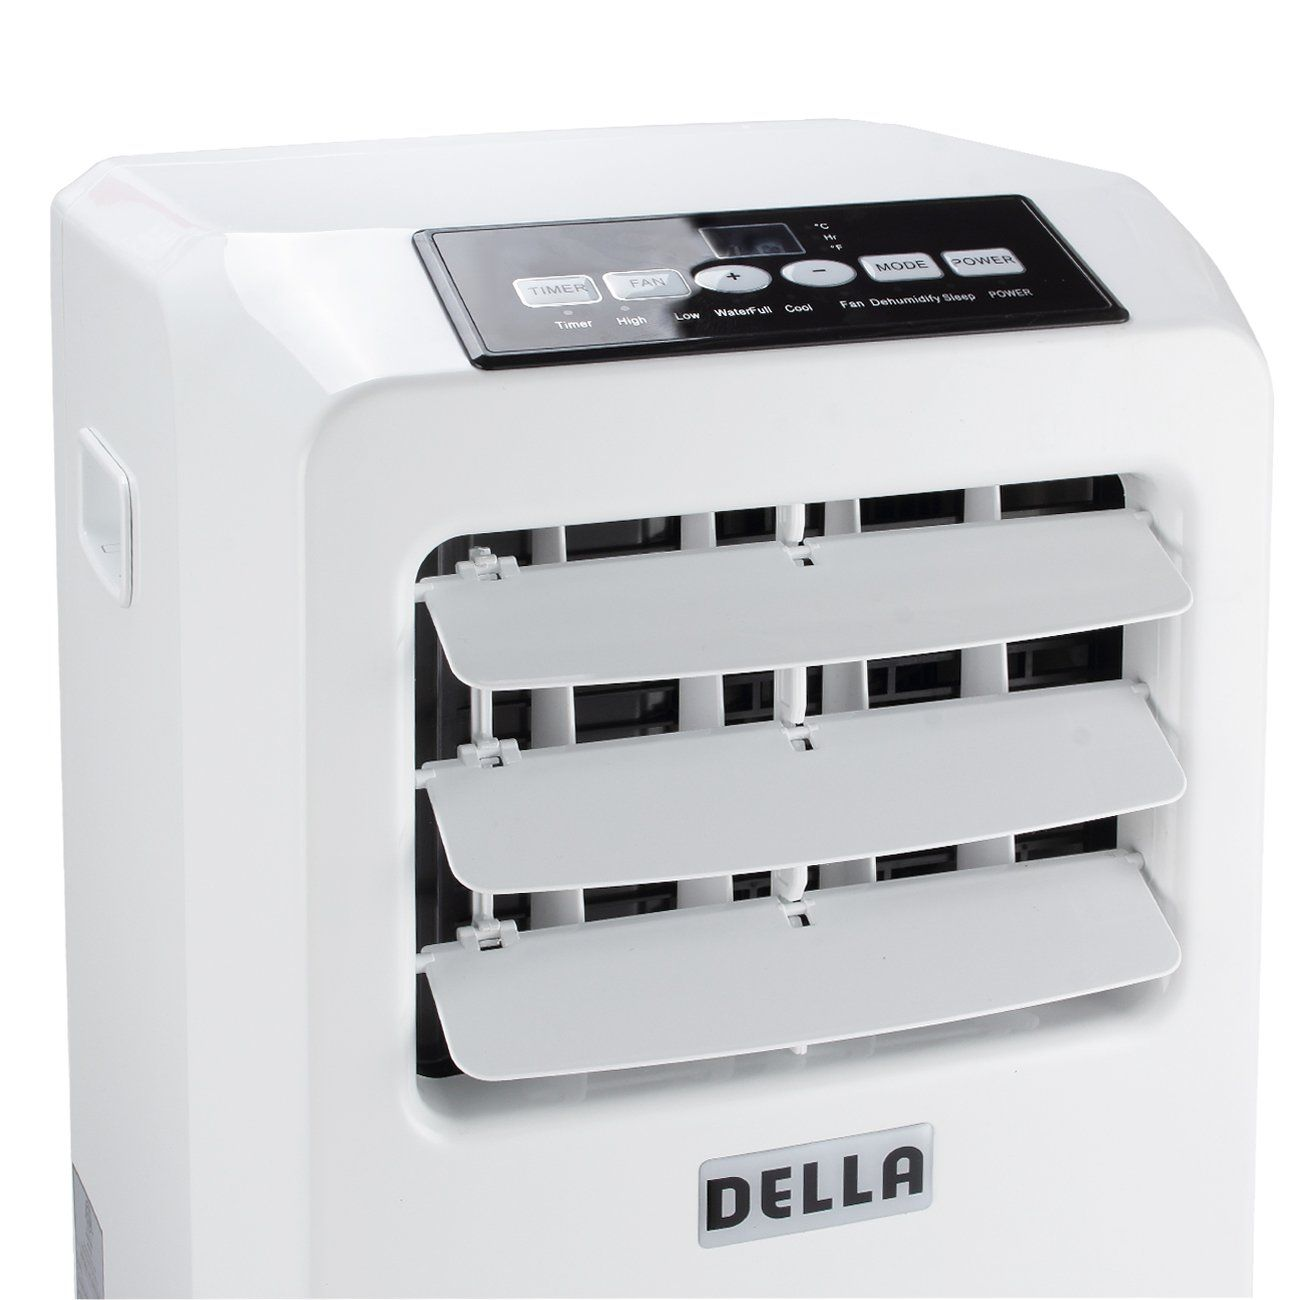 DELLA 10000 BTU Portable Air Conditioner Cooling Fan ...